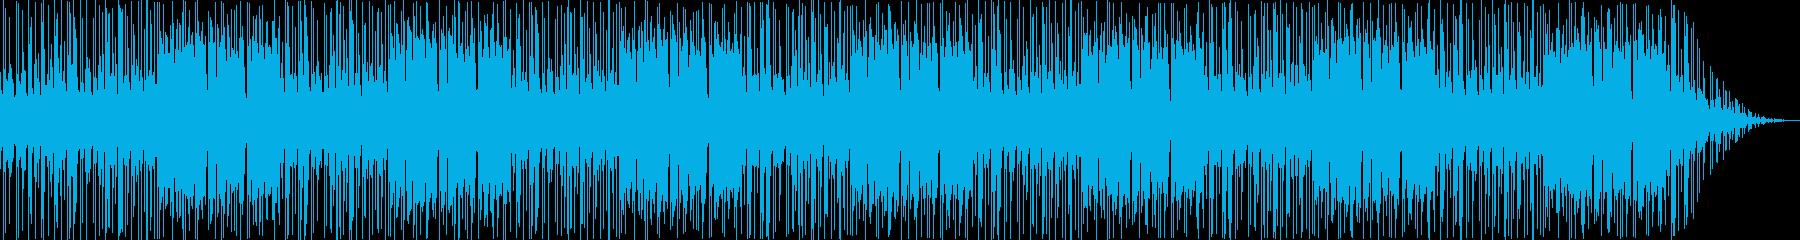 DIY工作・料理・解説BGMの再生済みの波形